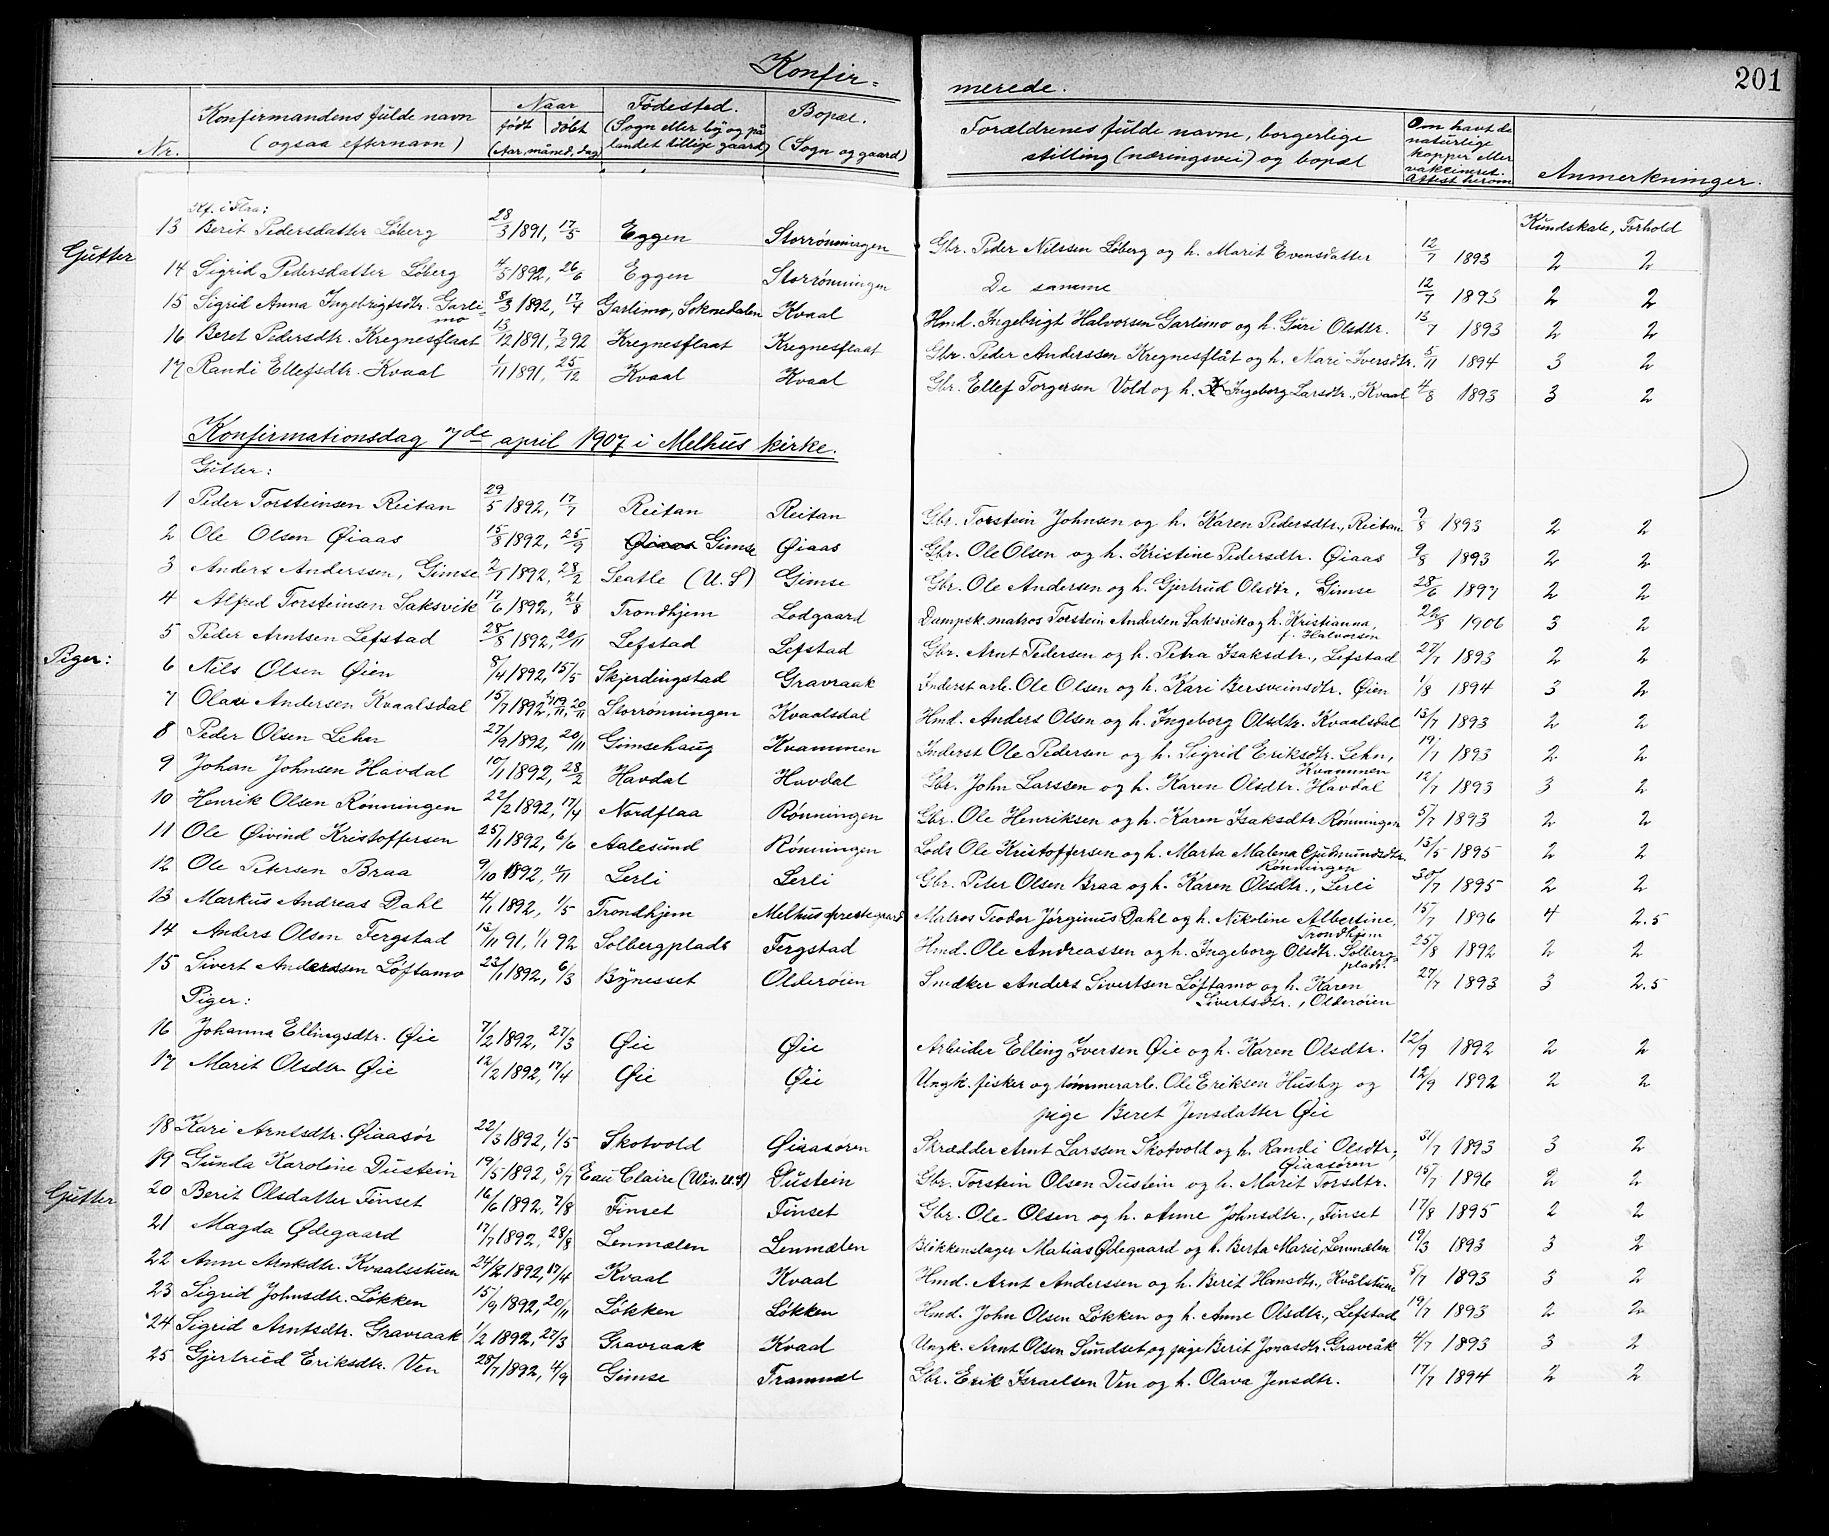 SAT, Ministerialprotokoller, klokkerbøker og fødselsregistre - Sør-Trøndelag, 691/L1094: Klokkerbok nr. 691C05, 1879-1911, s. 201e